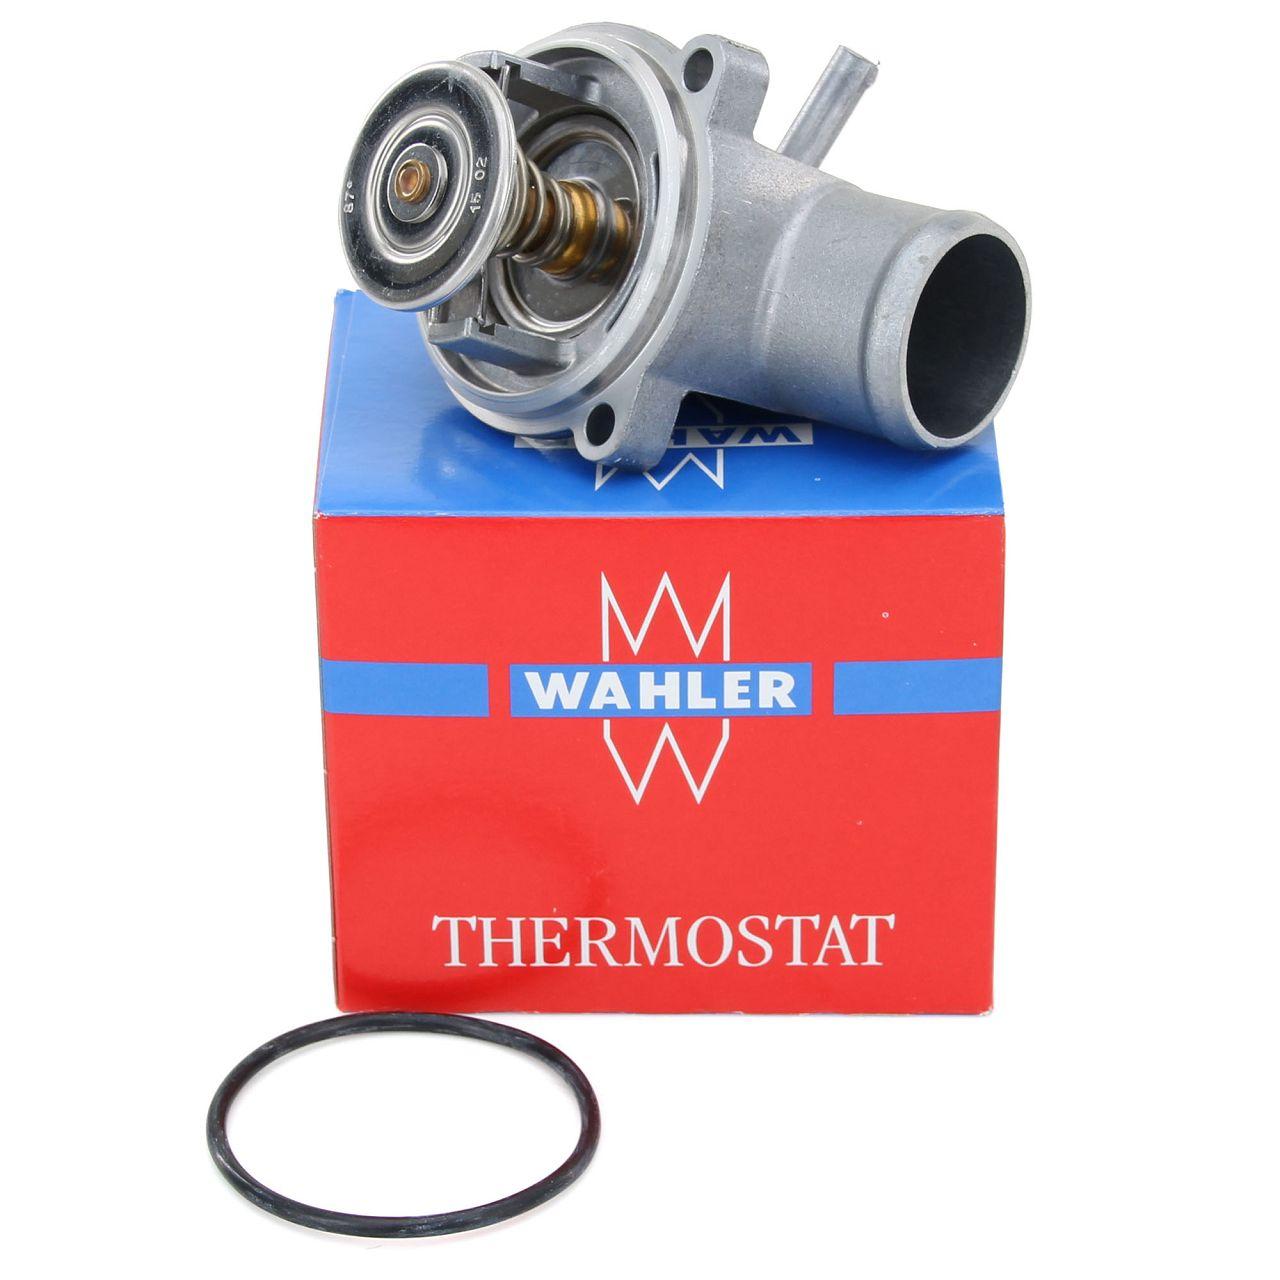 WAHLER 4275.87D Thermostat MERCEDES W202 W124 W210 W163 R170 Sprinter VW LT